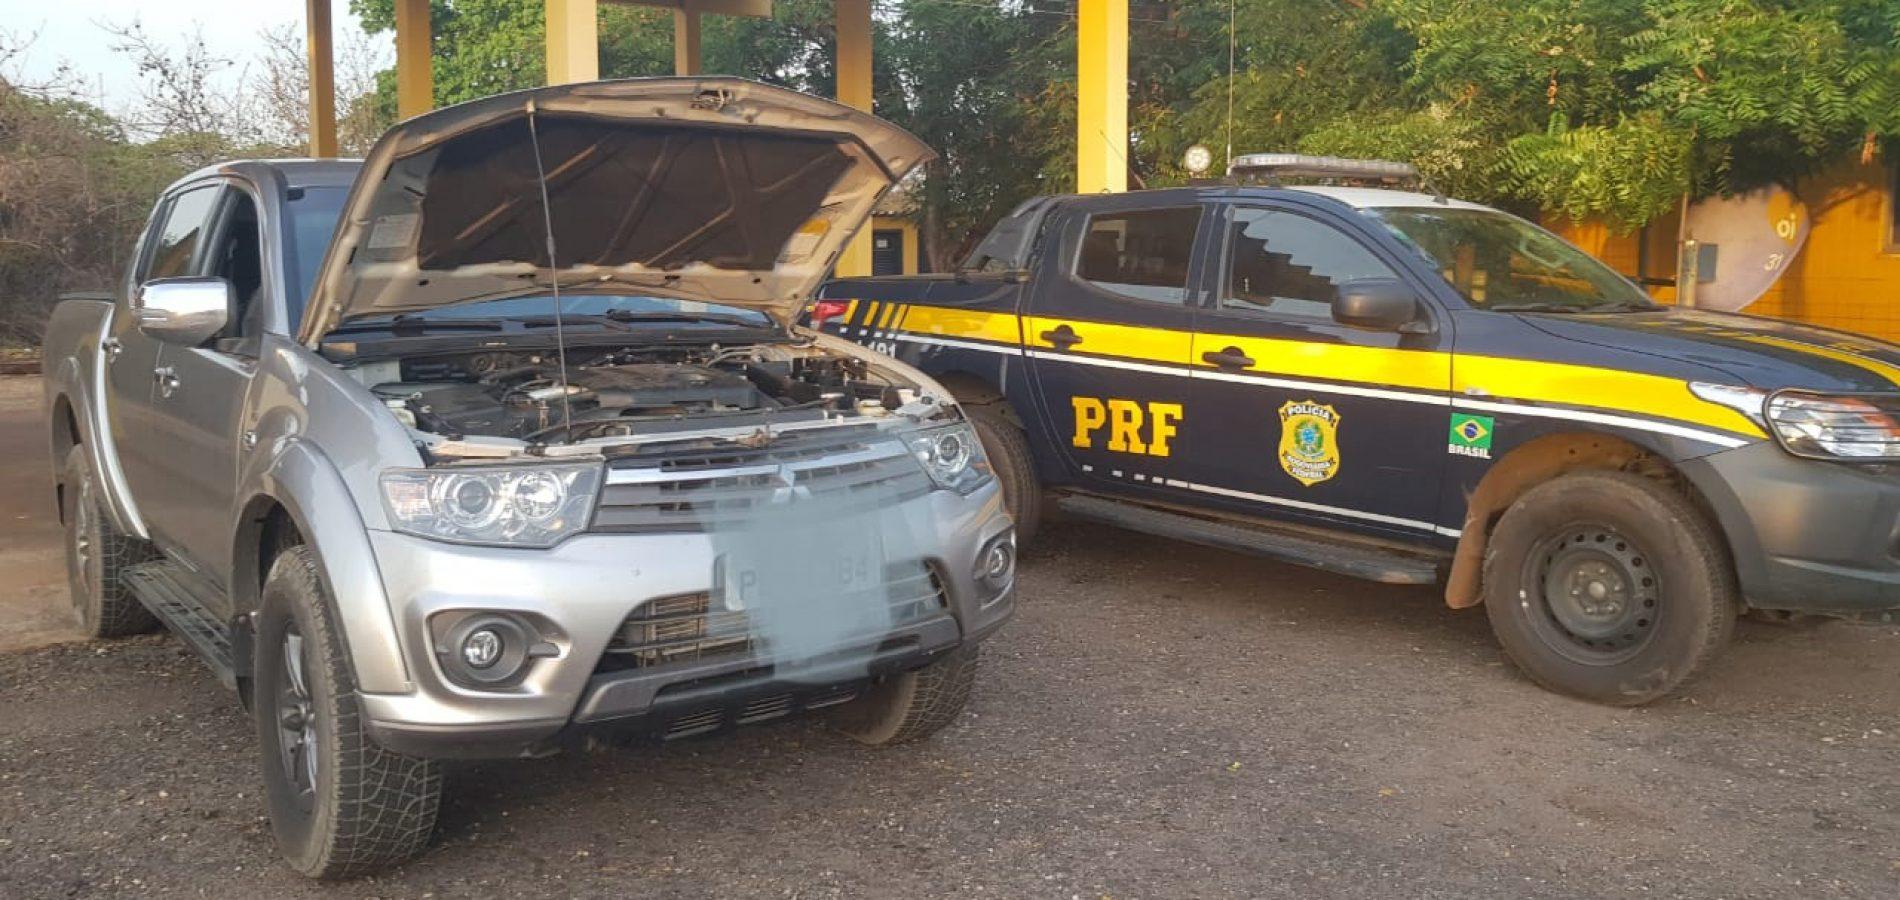 PRF apreende em Picos veículo adulterado